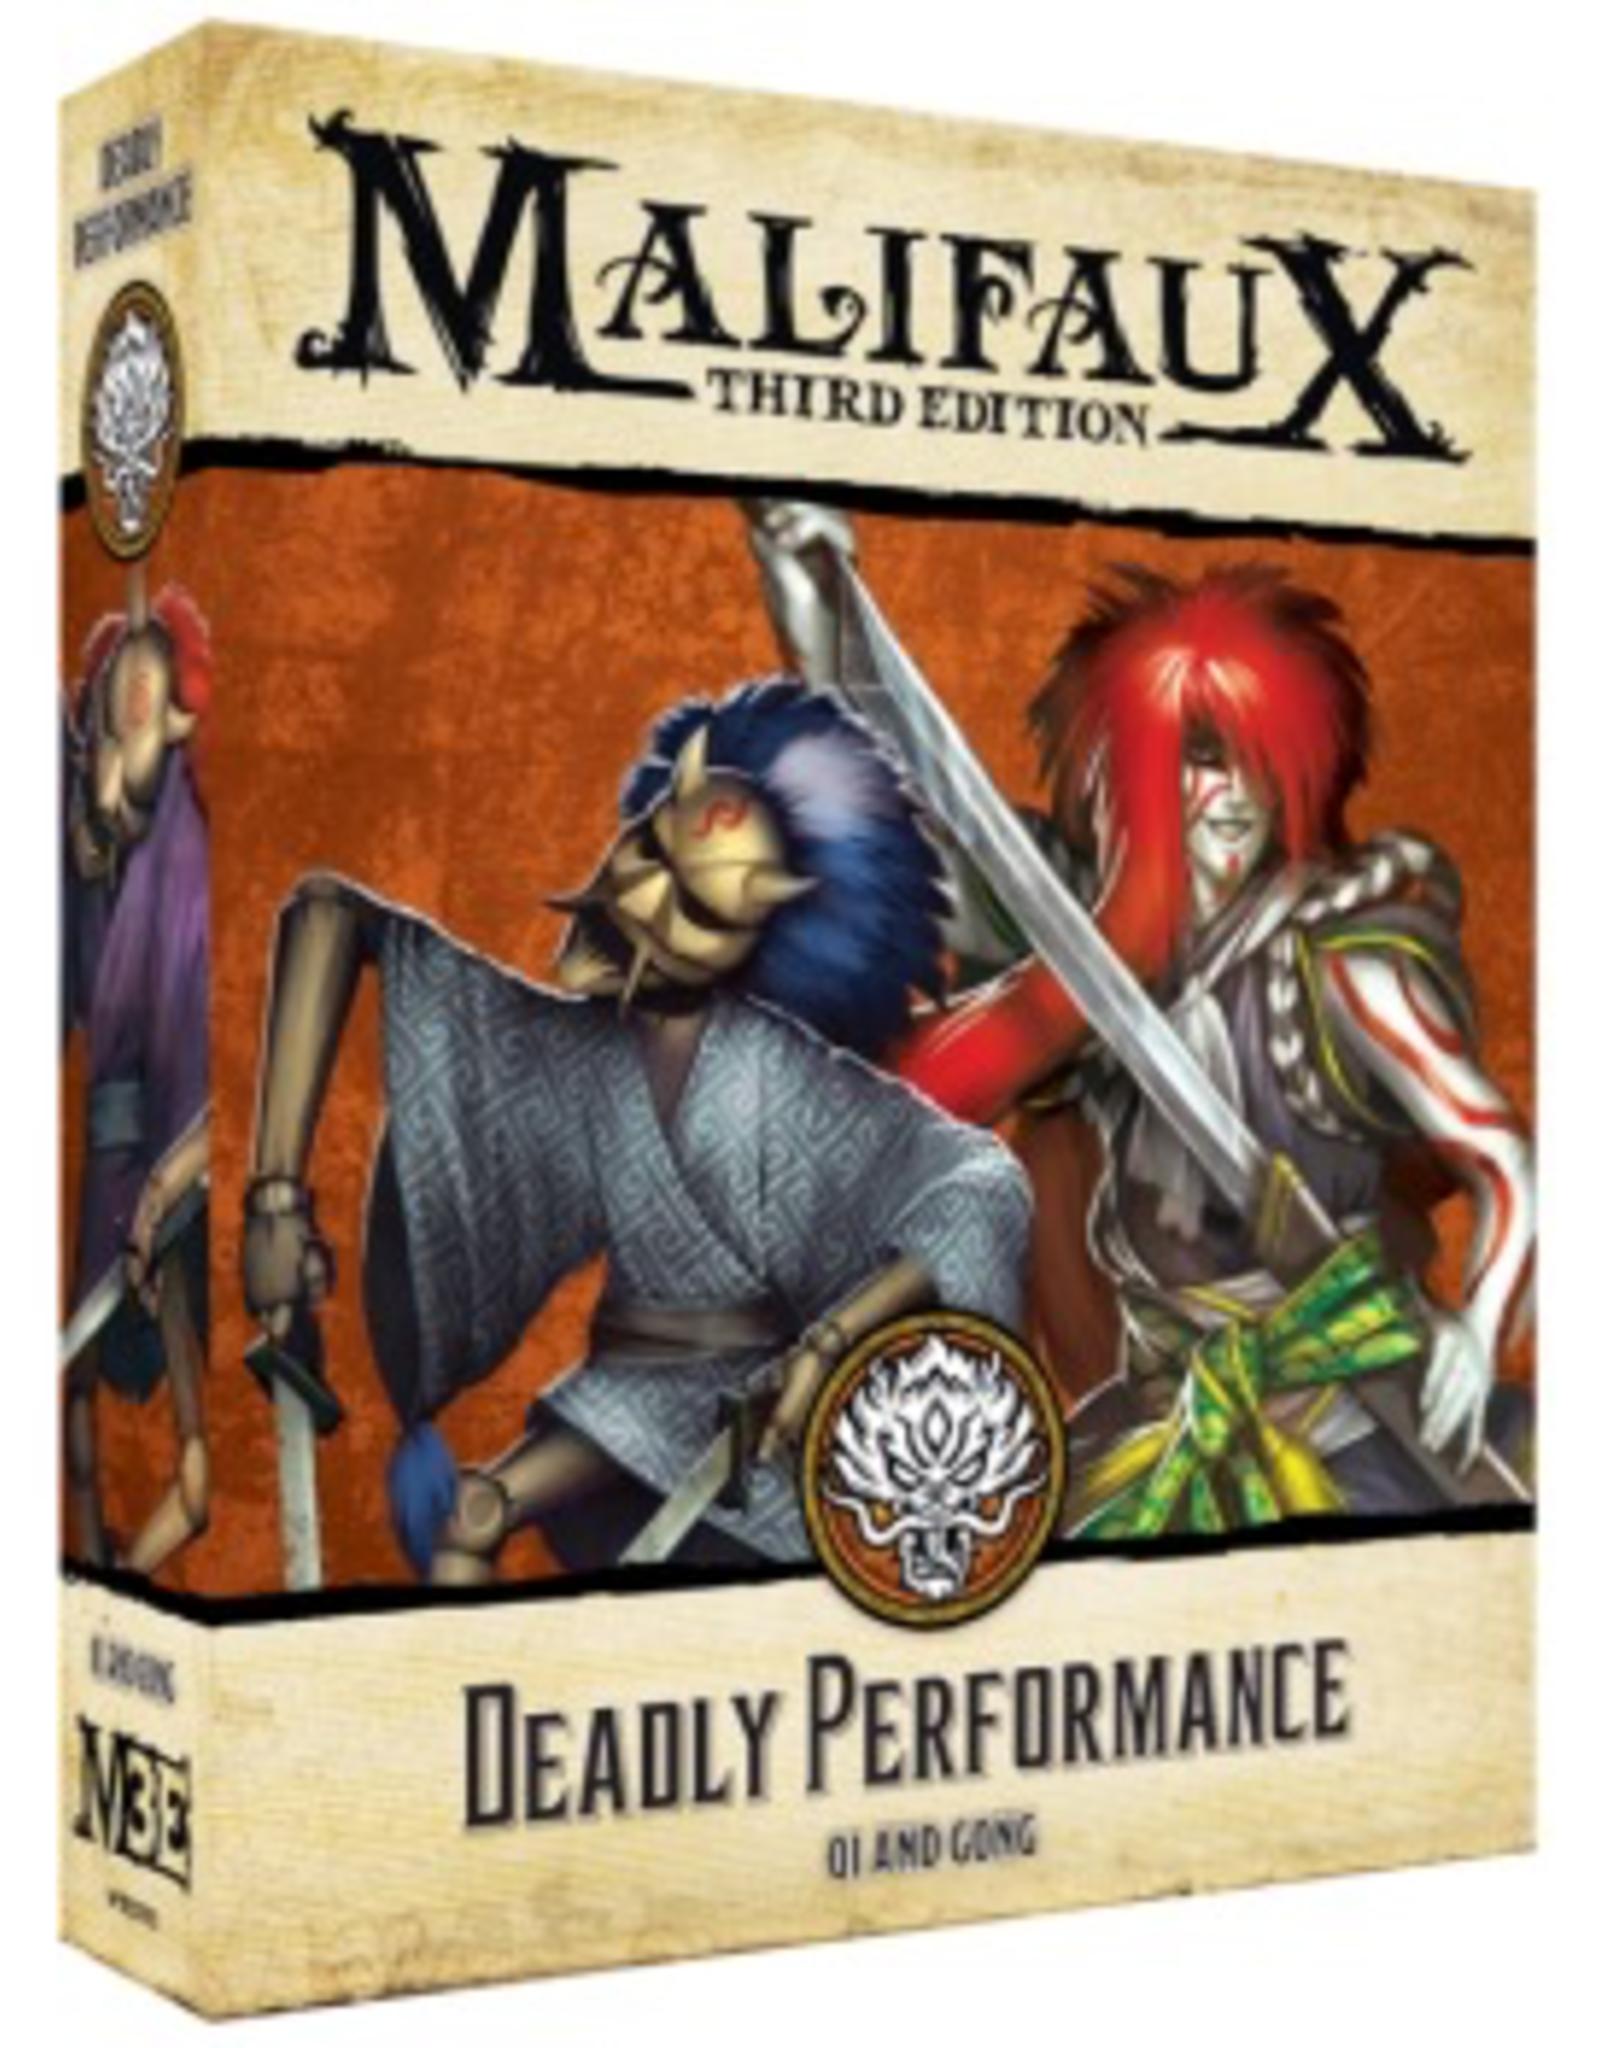 WYR - Malifaux Miniaturen Malifaux 3rd Edition - Deadly Performance - EN